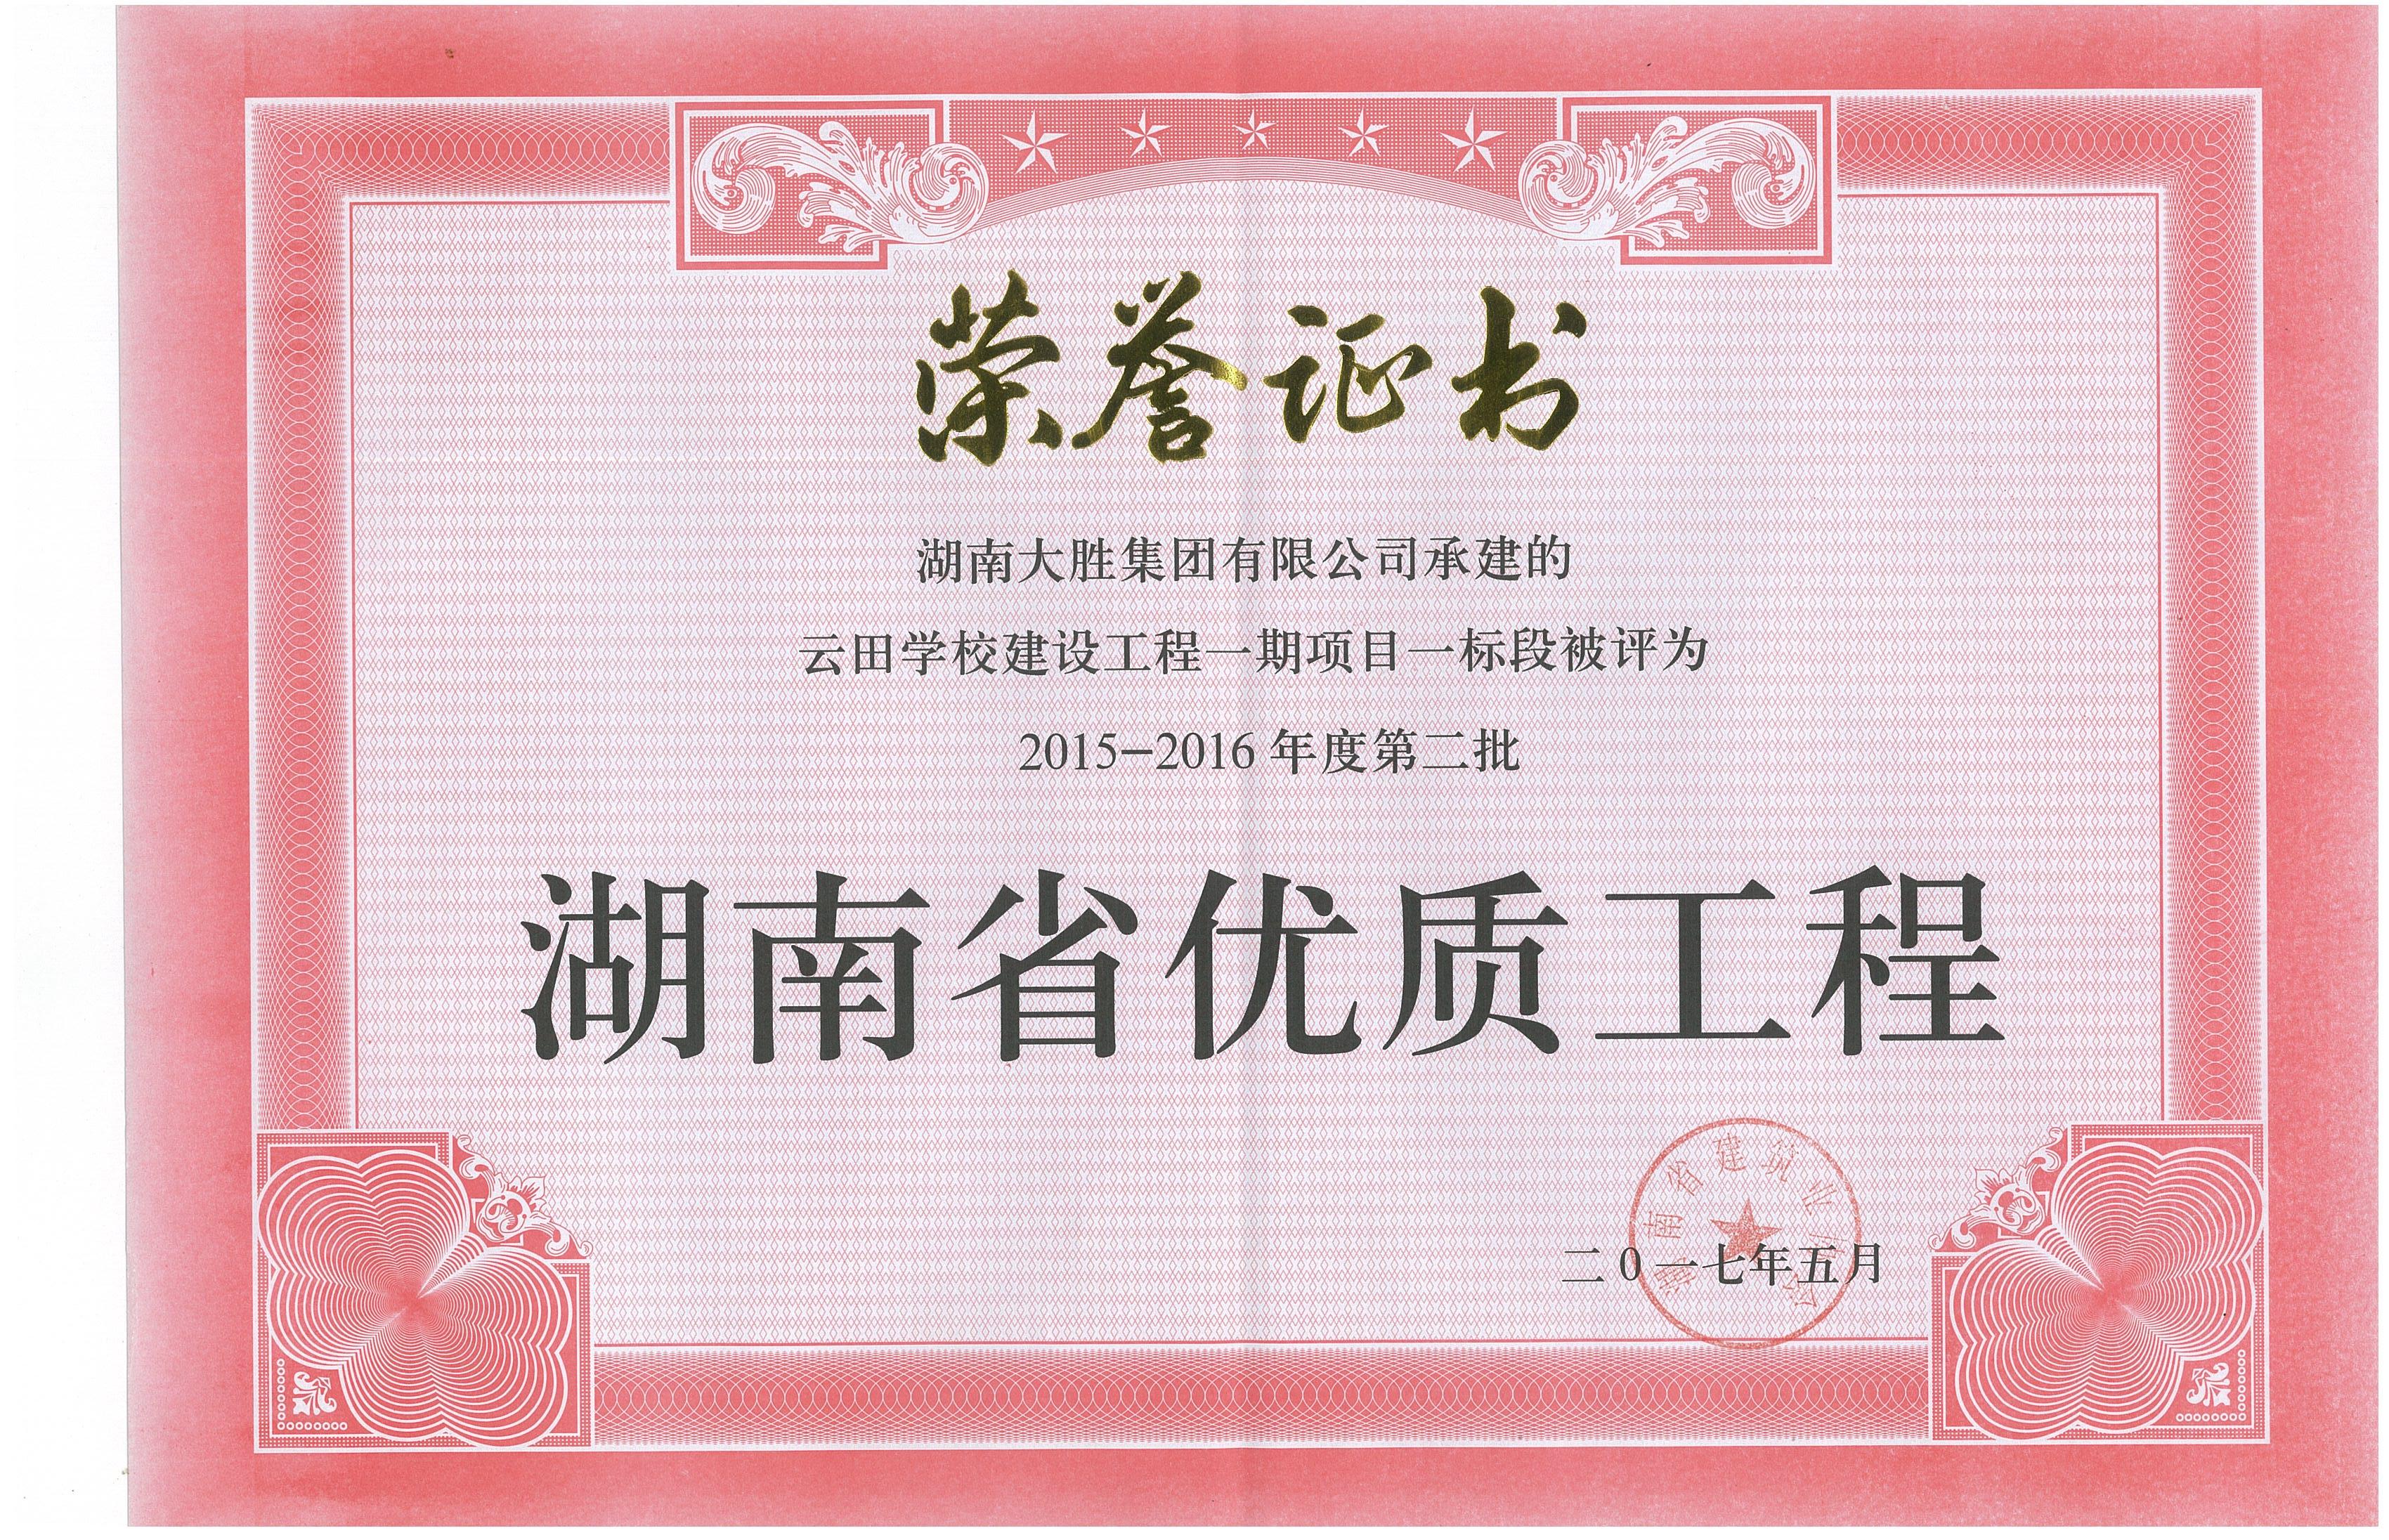 千赢体育娱乐省优质工程(云田学校建设工程一期一标段)